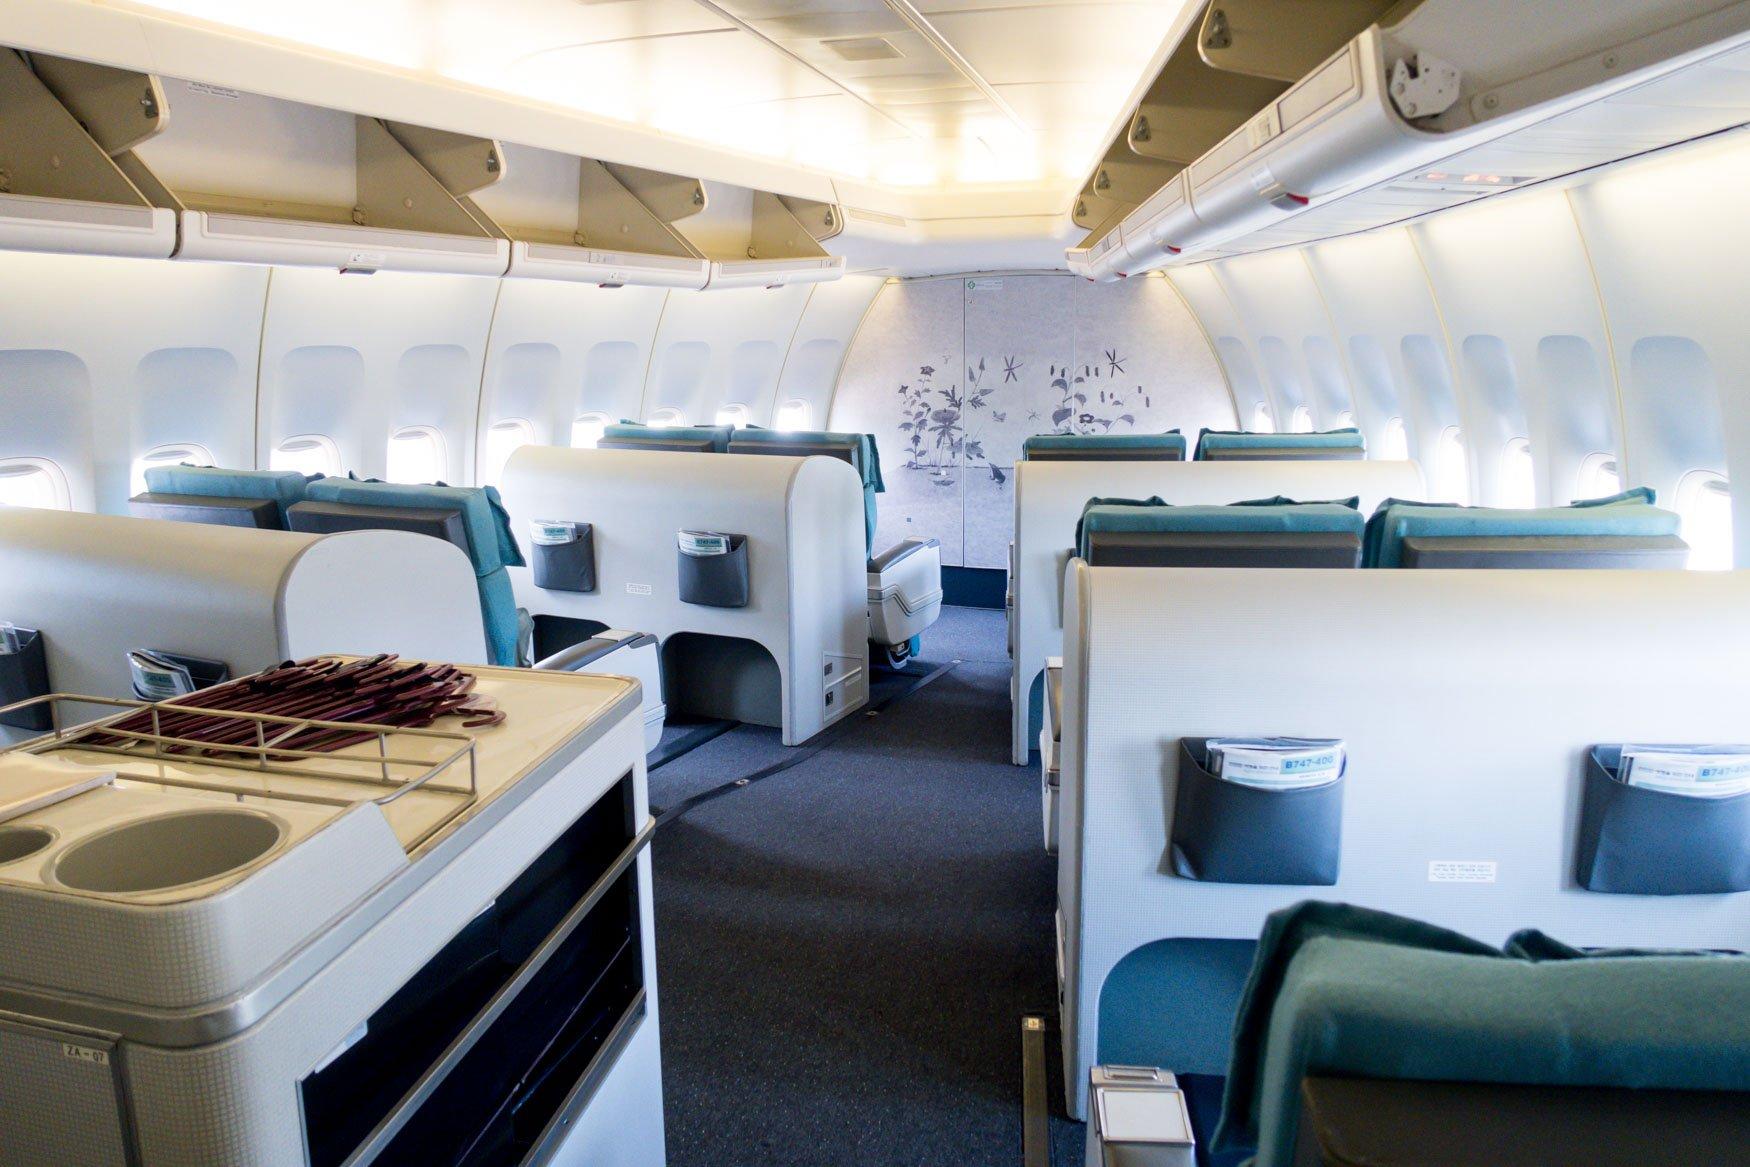 Korean Air 747-400 First Class